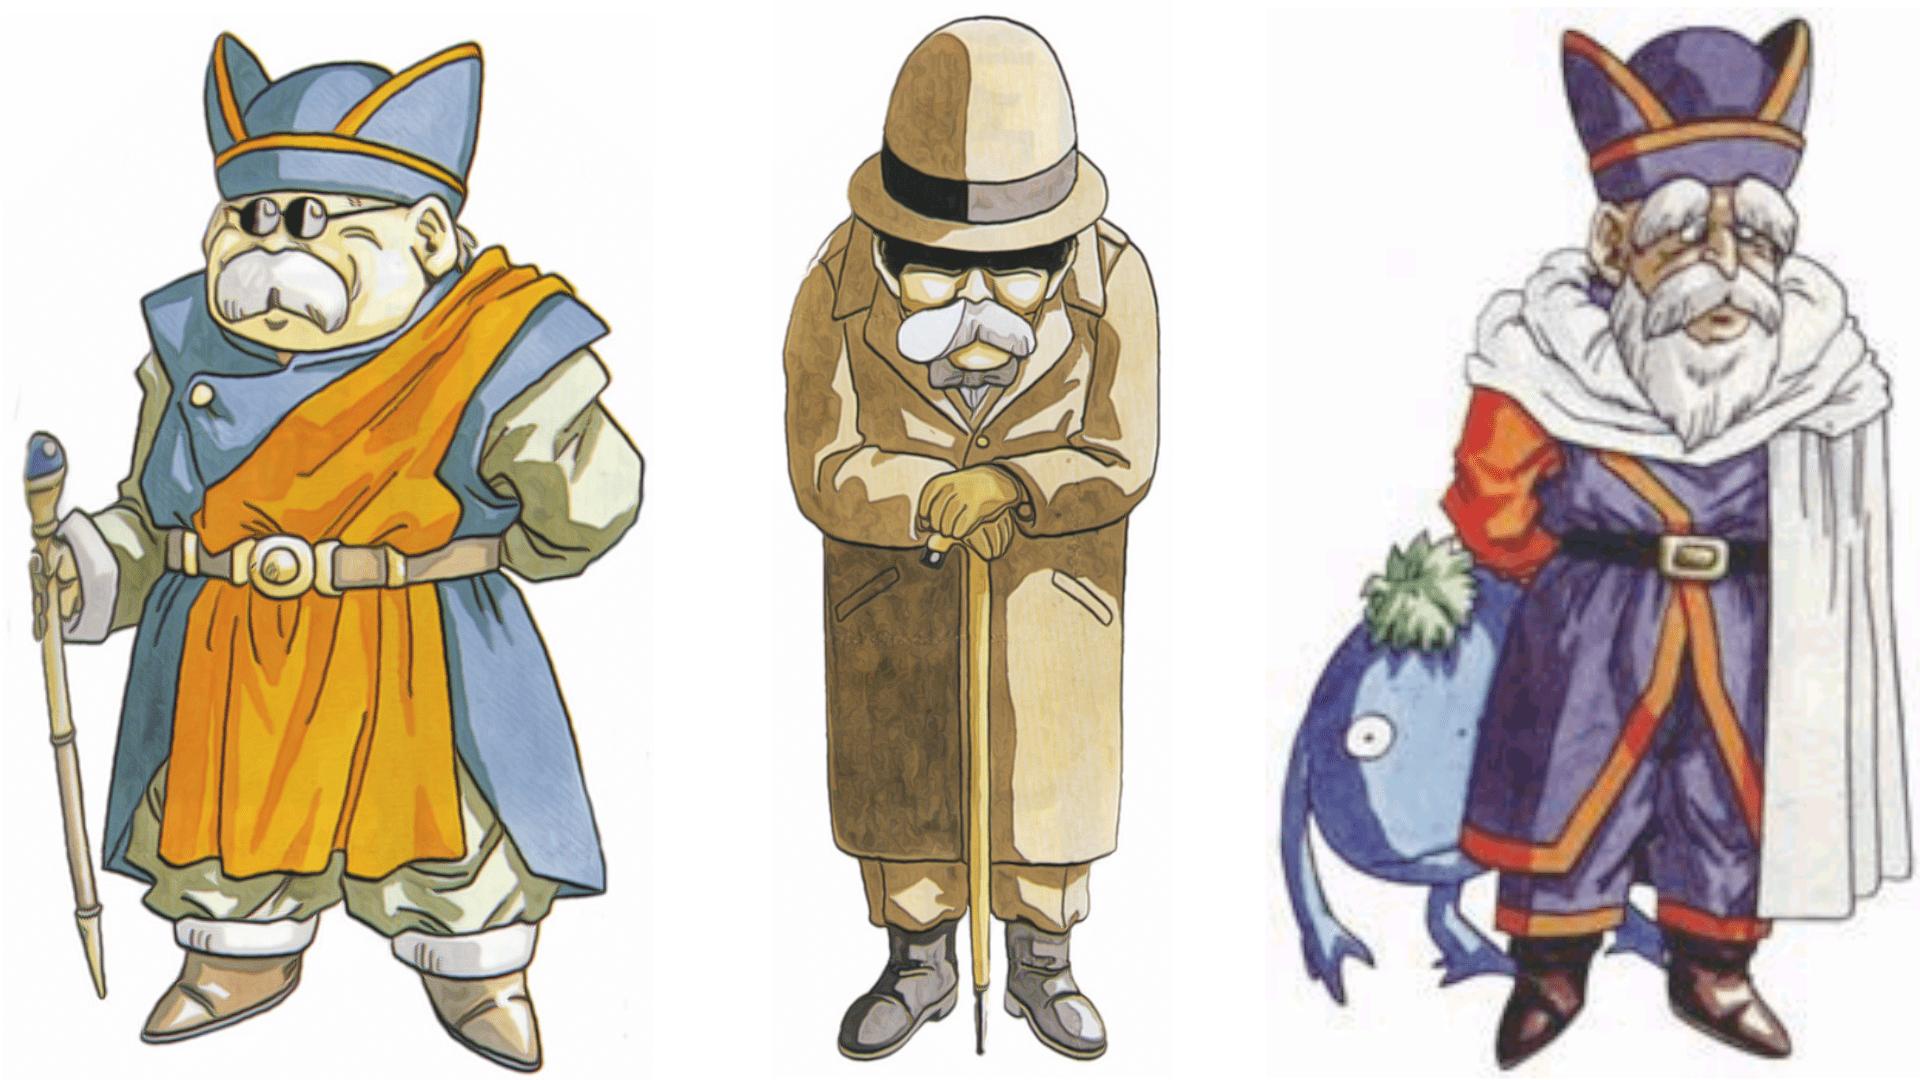 Os três Gurus oferecem conselhos e itens únicos (Foto: Divulgação/Square Enix)